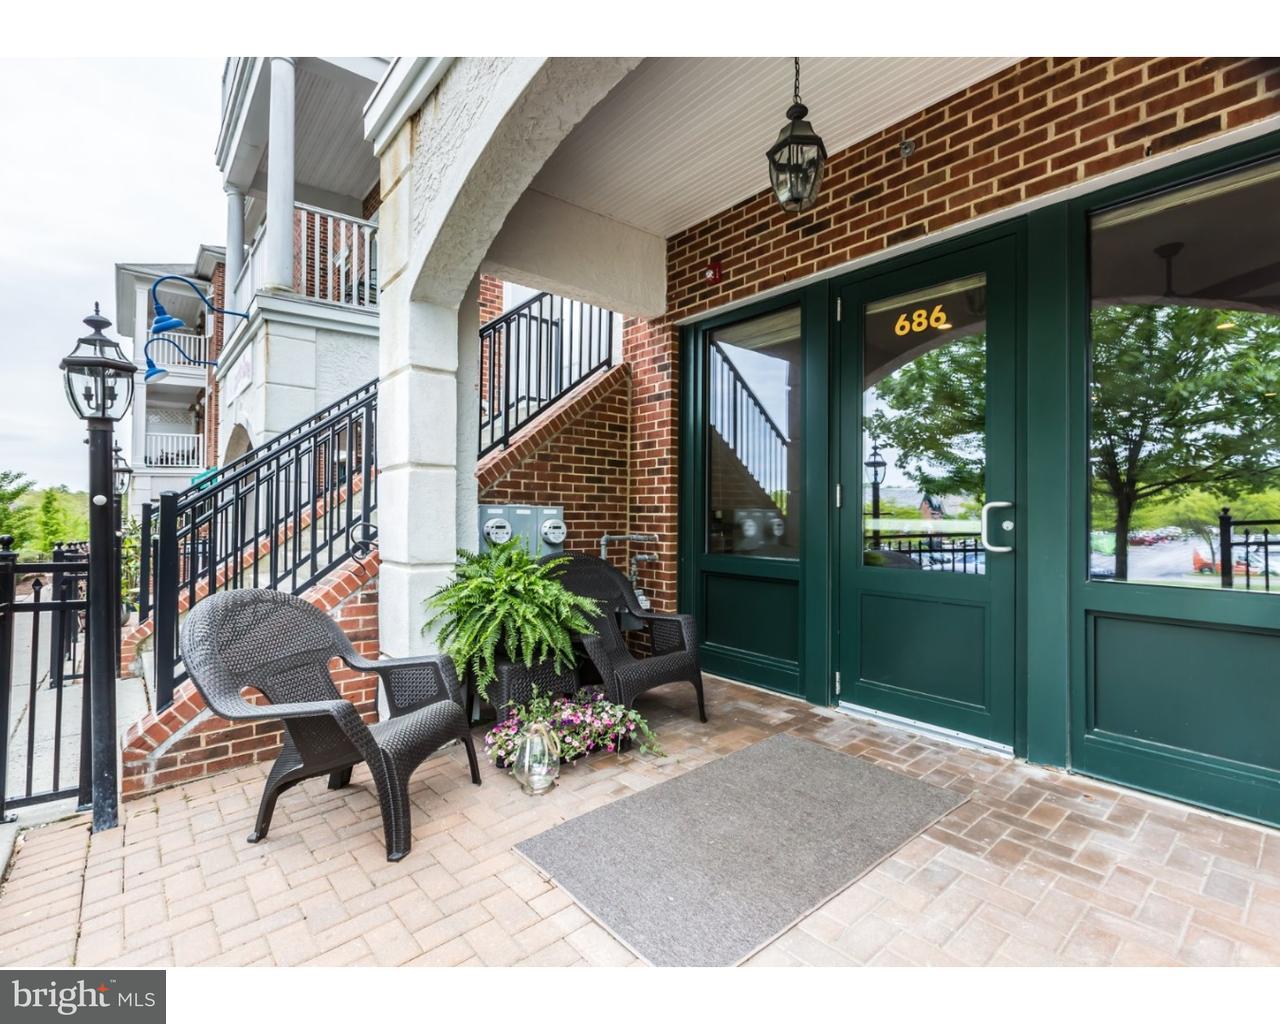 独户住宅 为 销售 在 686 WHARTON BLVD Exton, 宾夕法尼亚州 19341 美国